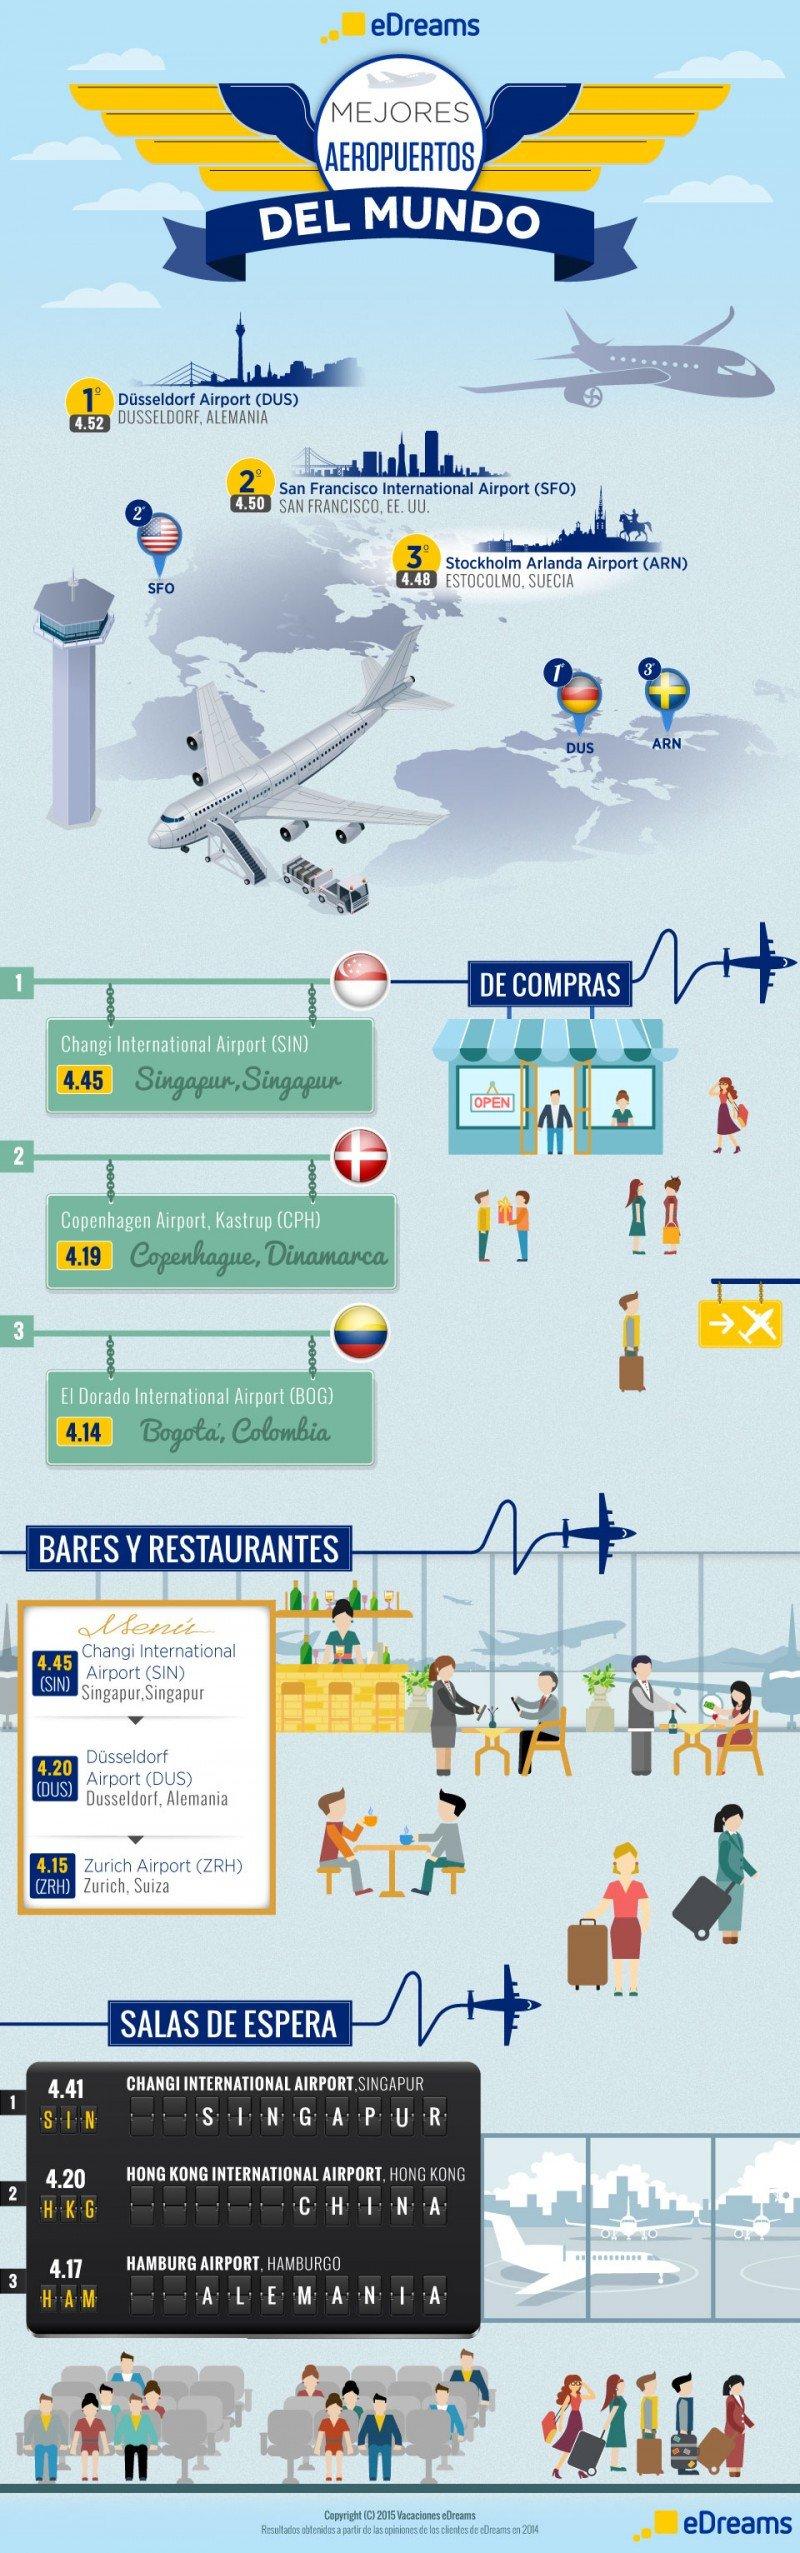 Cuatro aeropuertos de Latinoamérica entre los peores del mundo